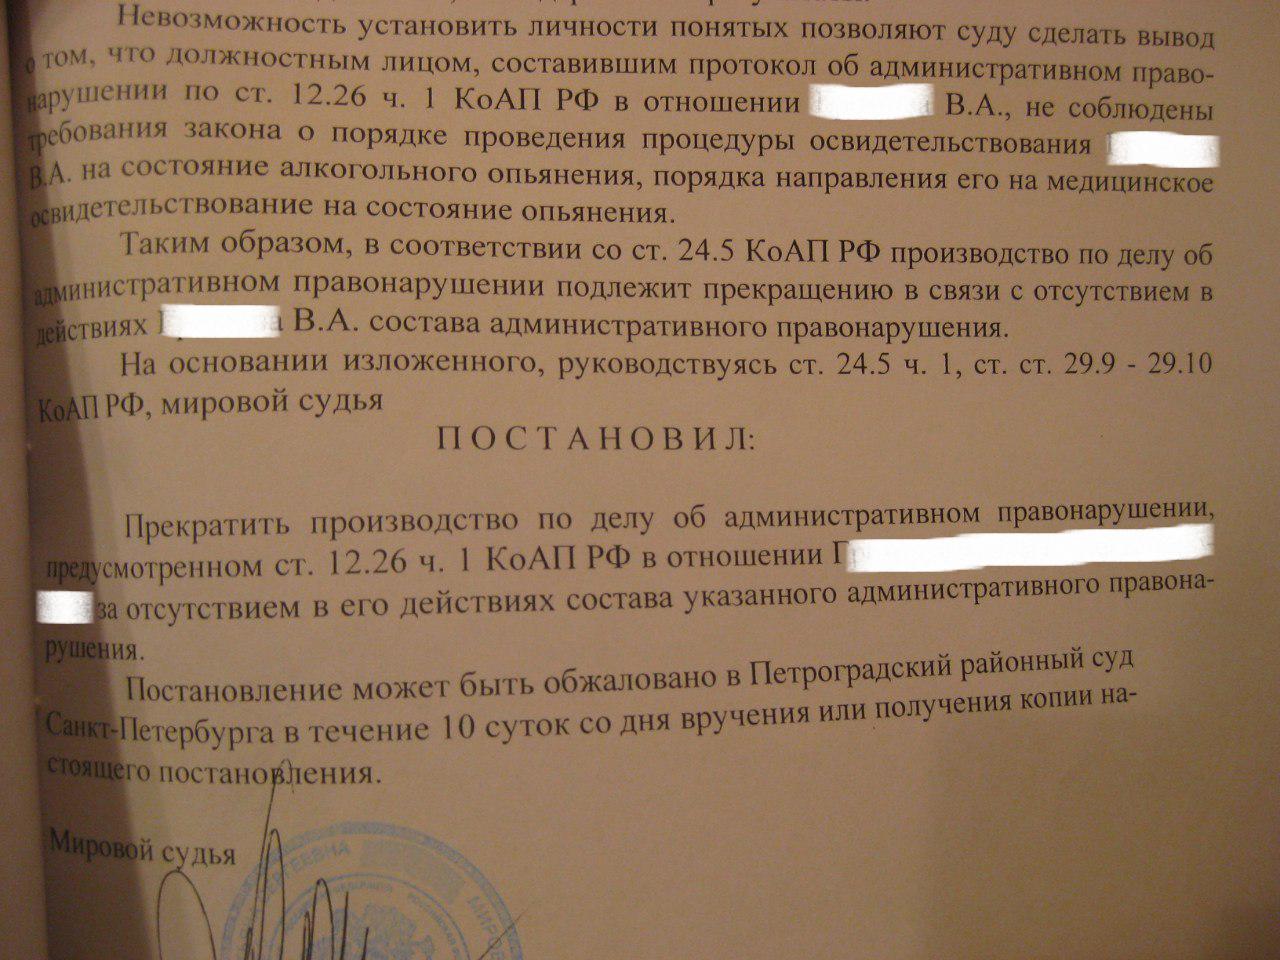 Забрали права за отказ от медосвидетельствования как вернуть водительское удостоверение